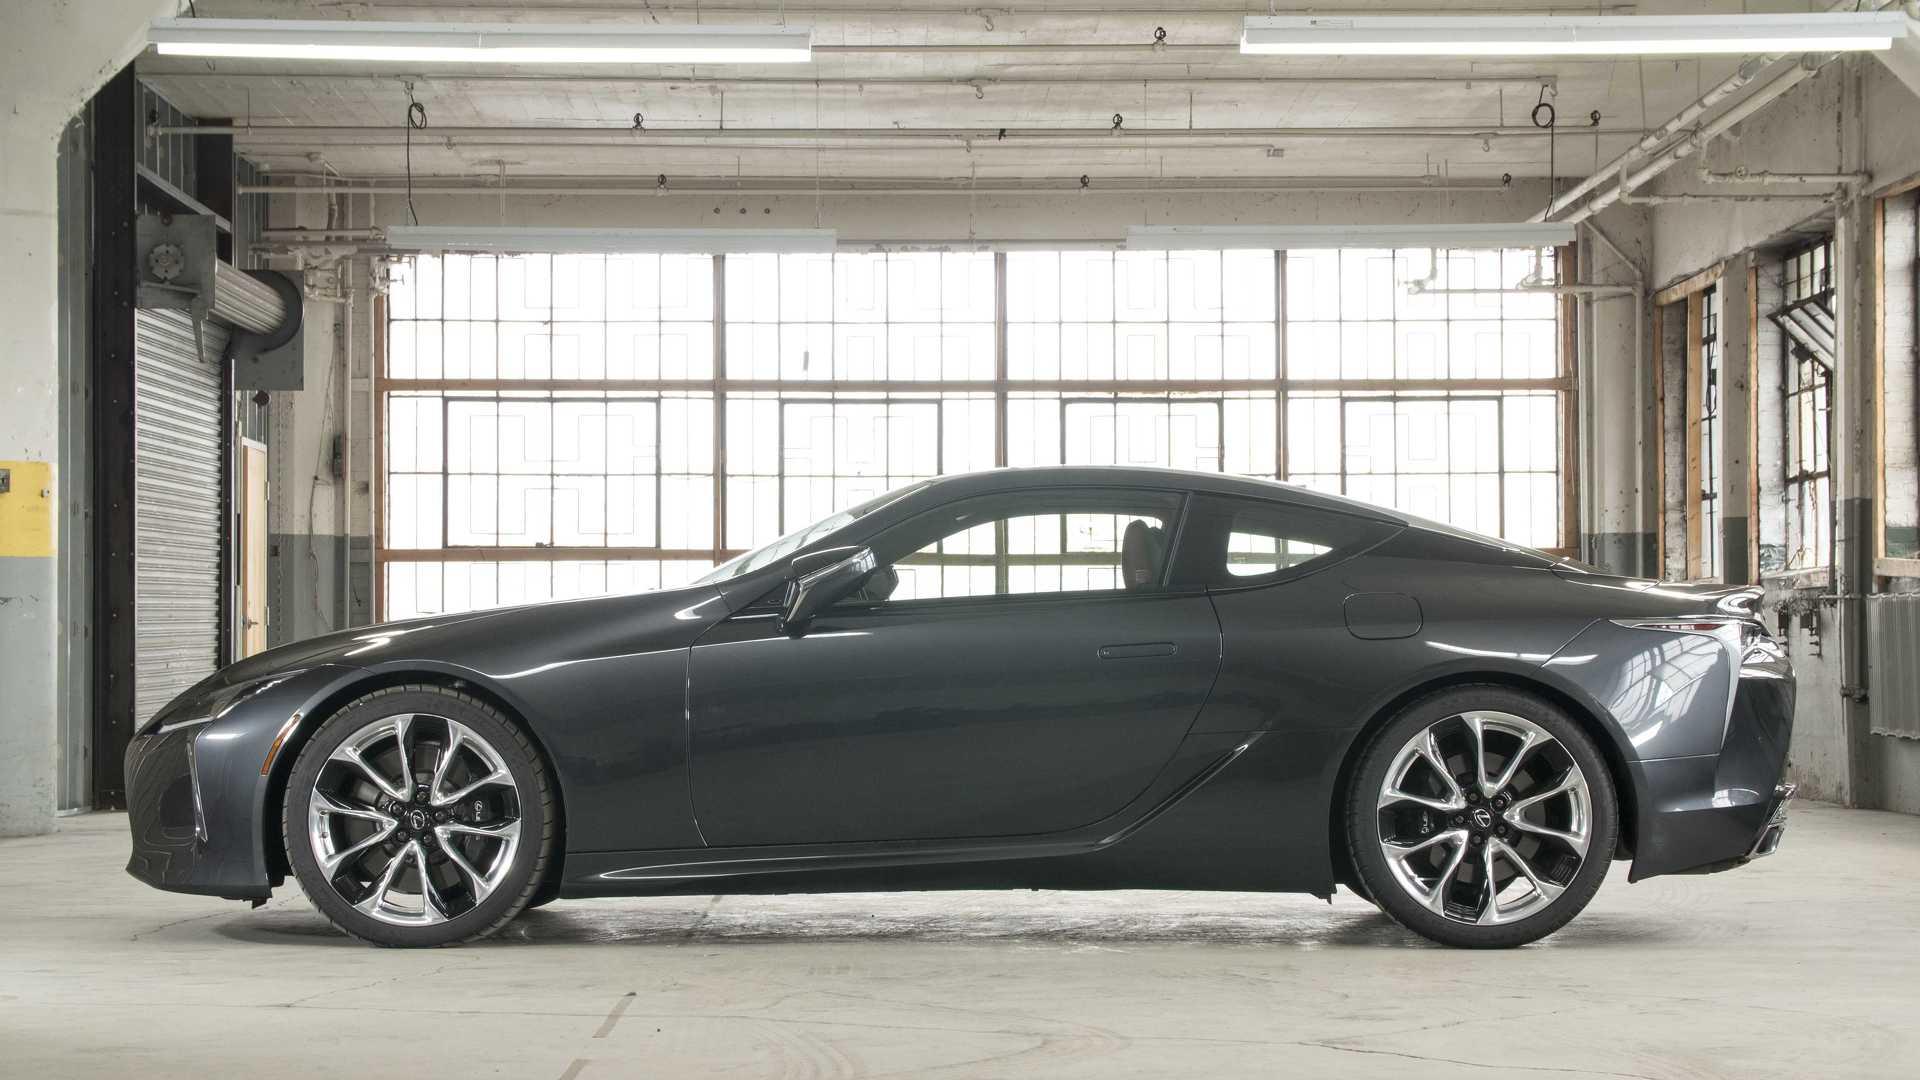 2018 Lexus Lc 500 Why Buy